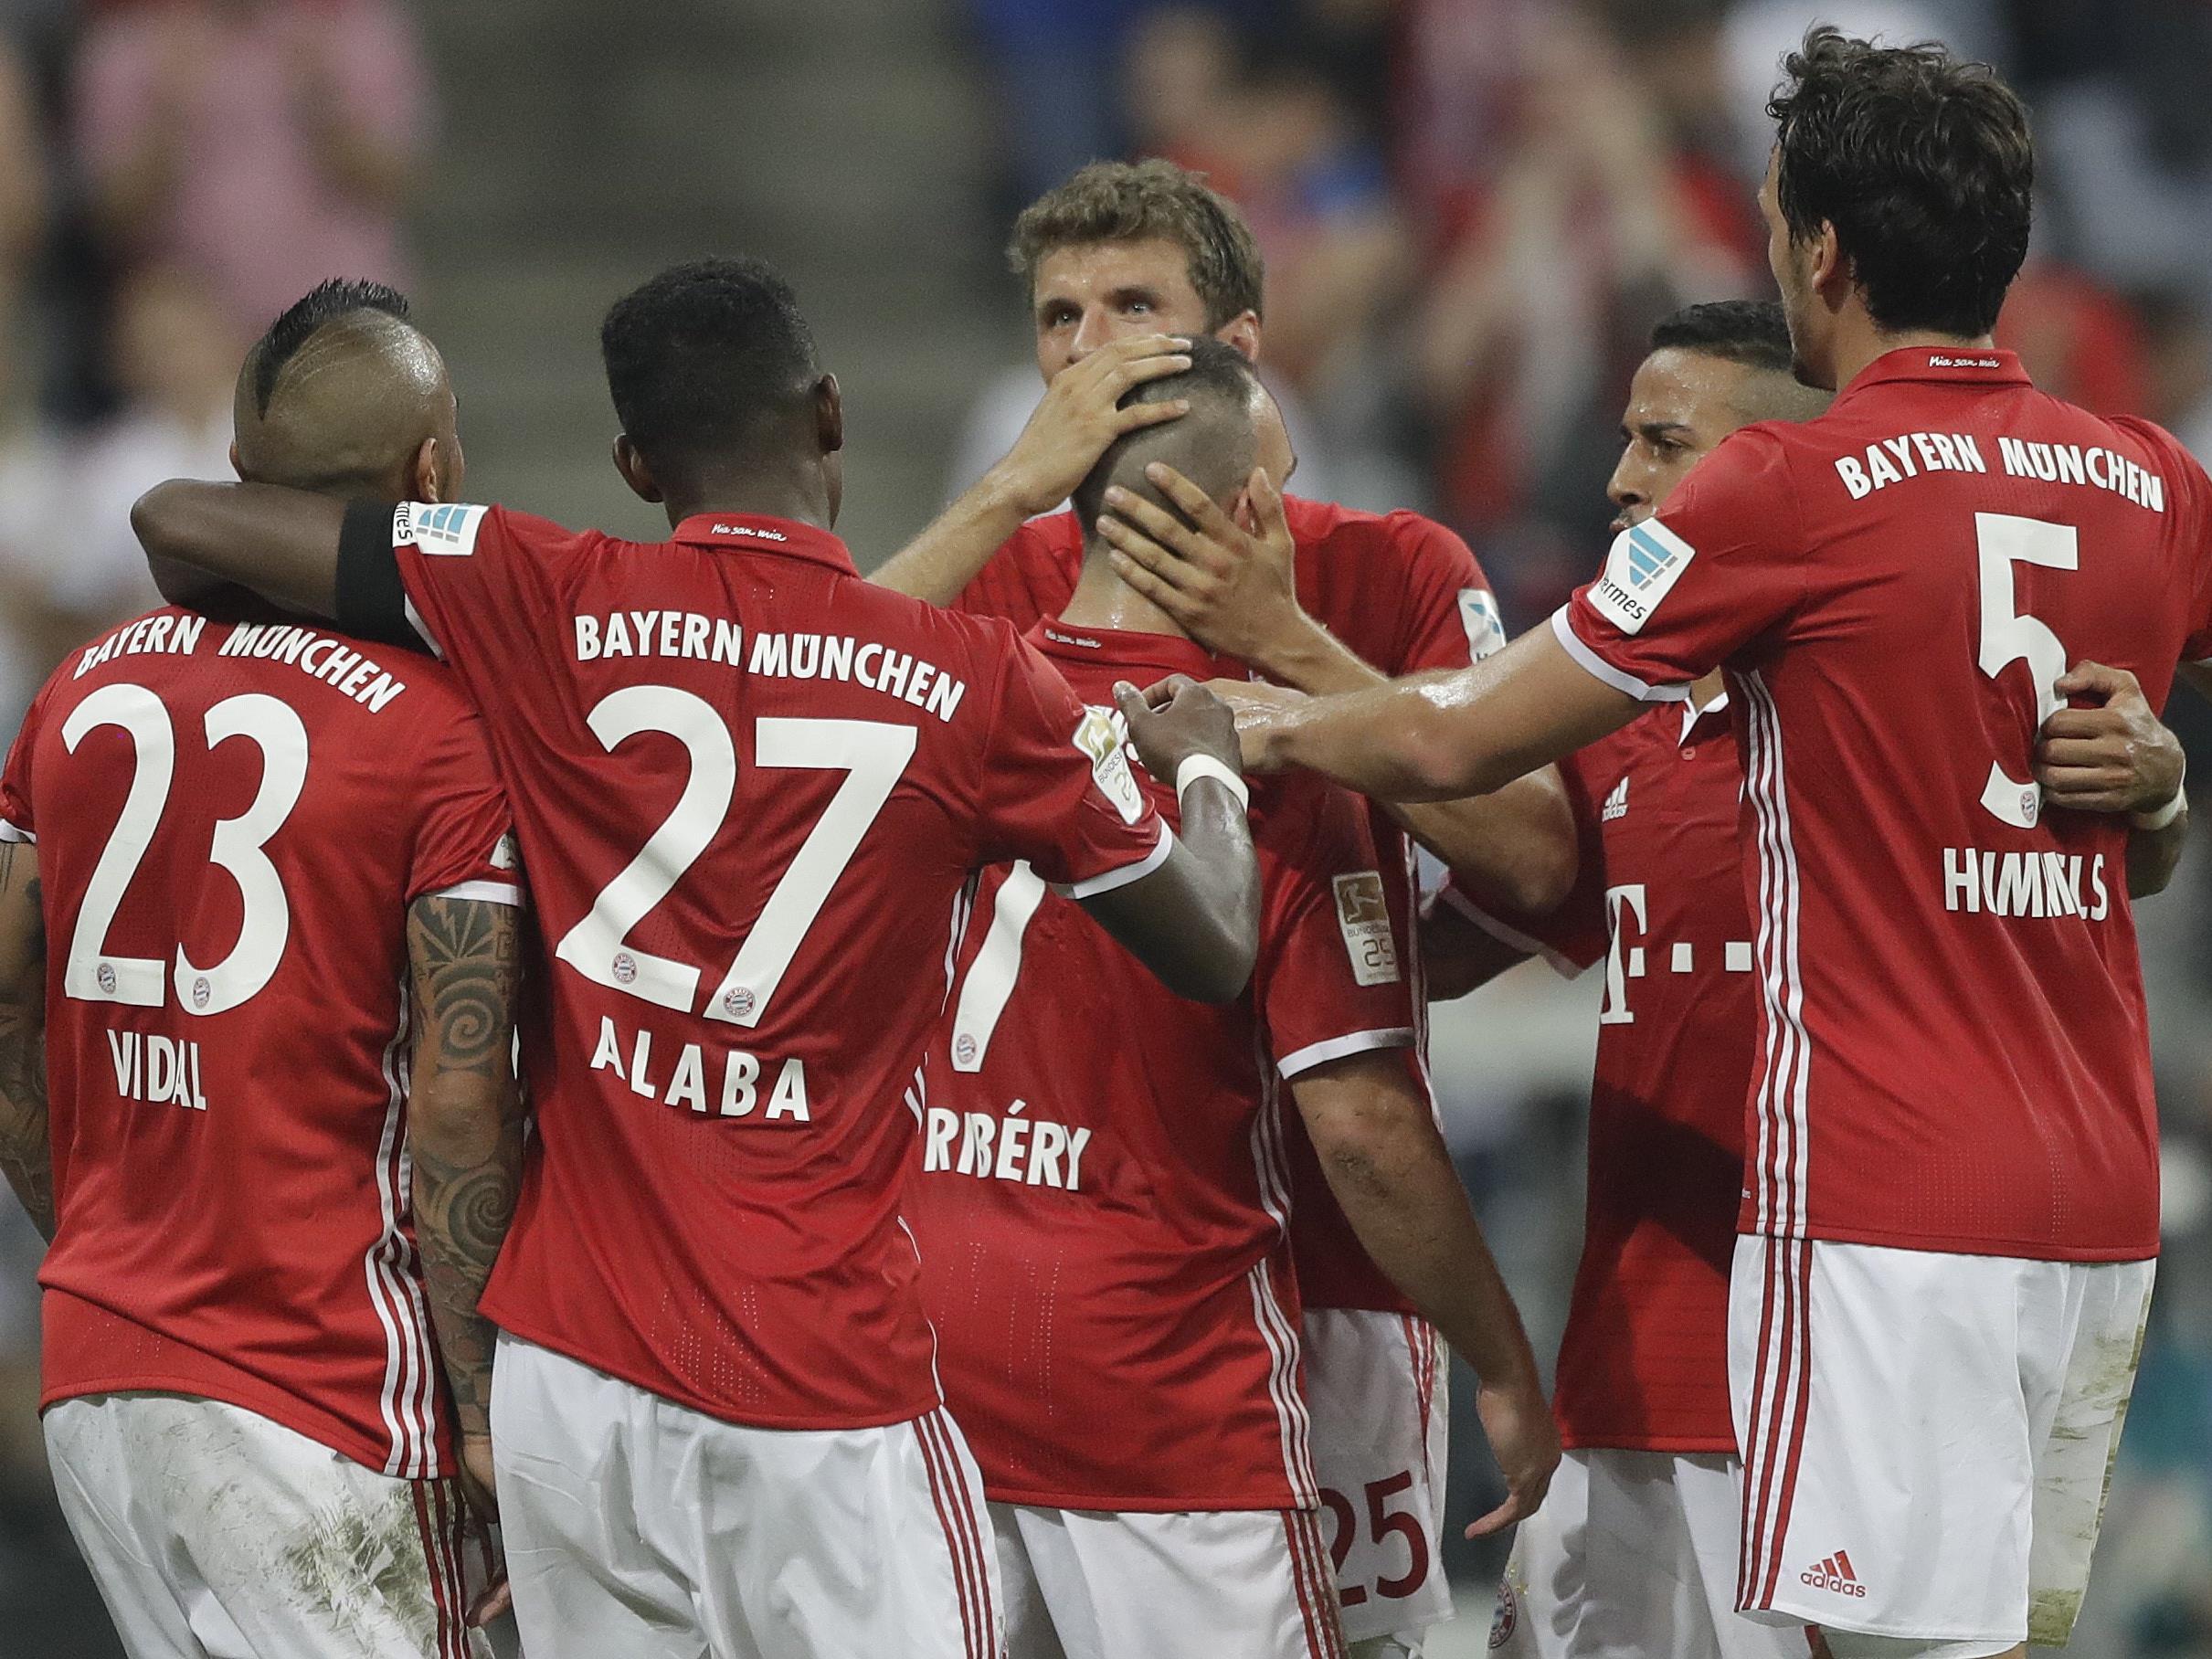 Dürfen die Bayern gegen Eindhoven endlich wieder jubeln?